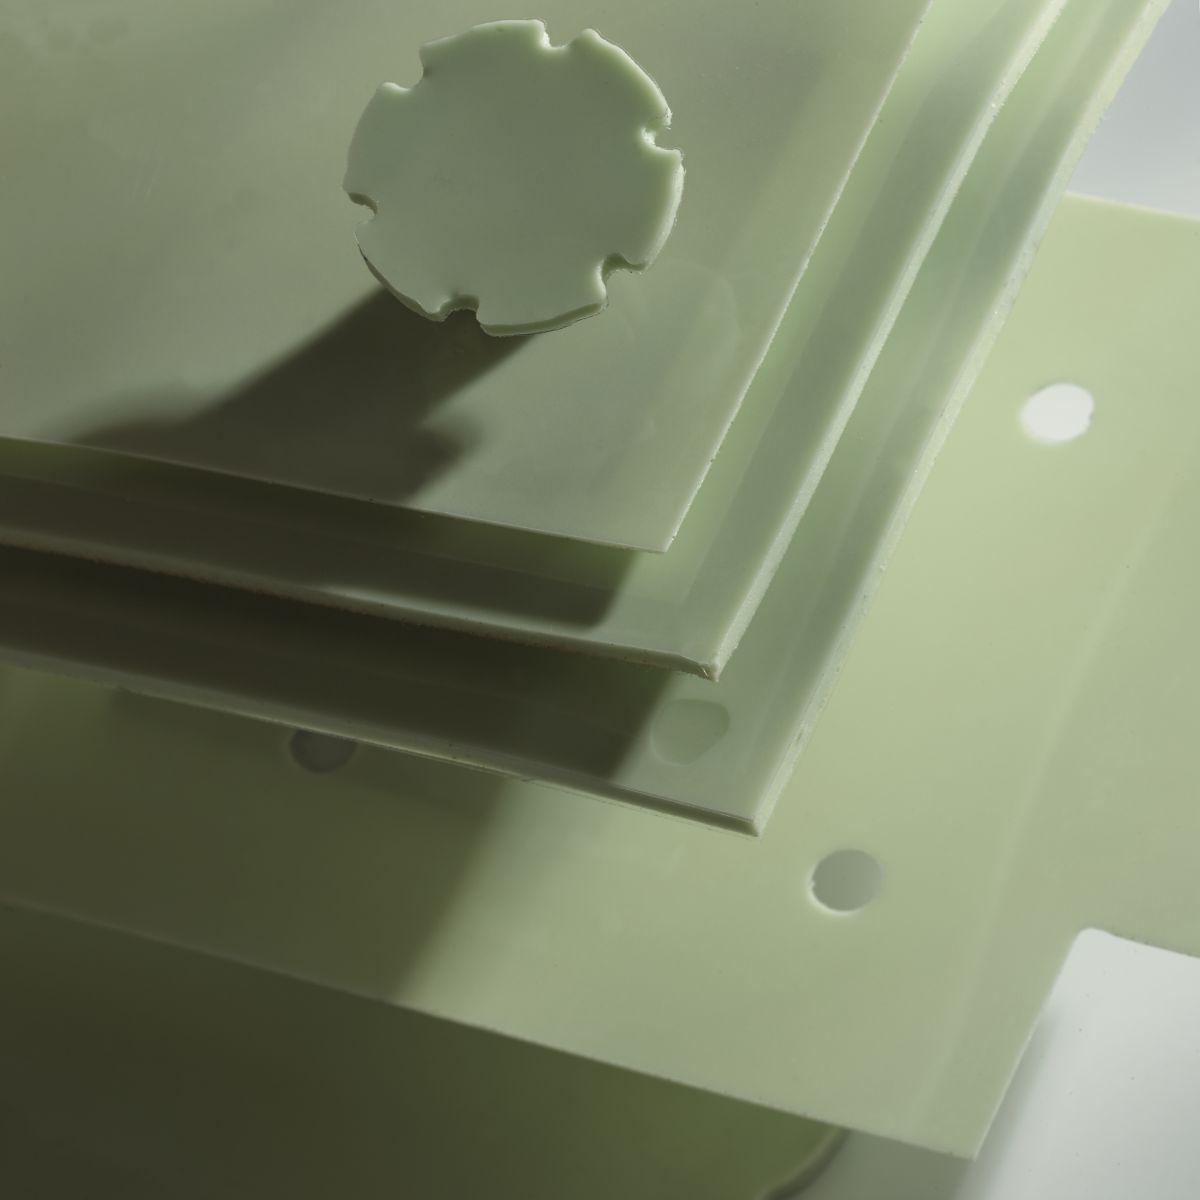 warmtegeleidende silicone gap filler